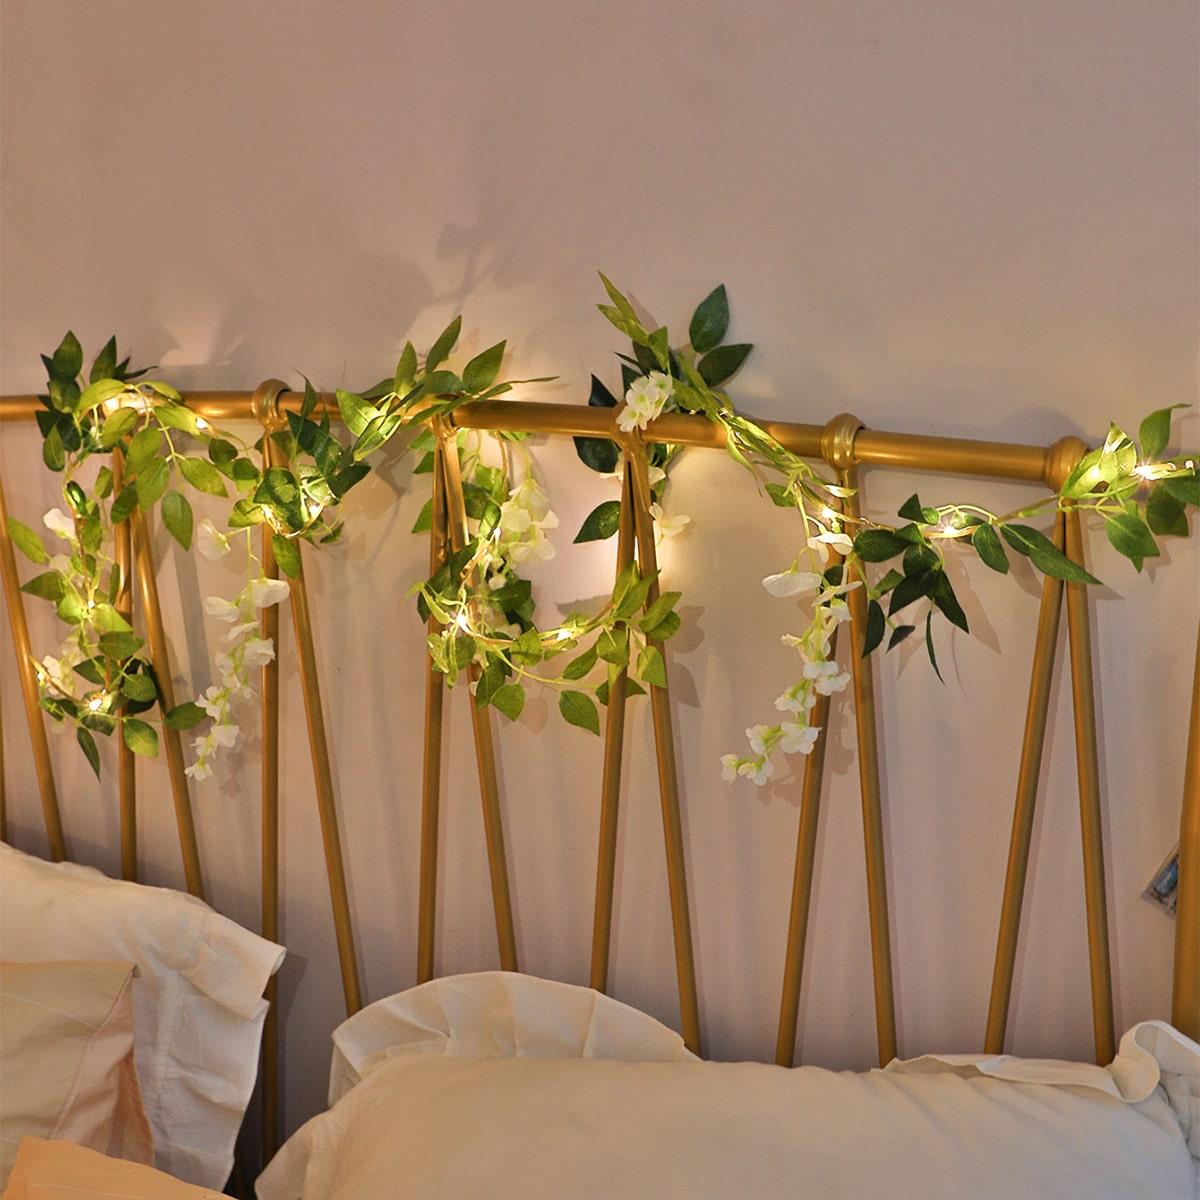 SHEIN / 1 Stück 2M Lichterkette mit künstlichen Blumen